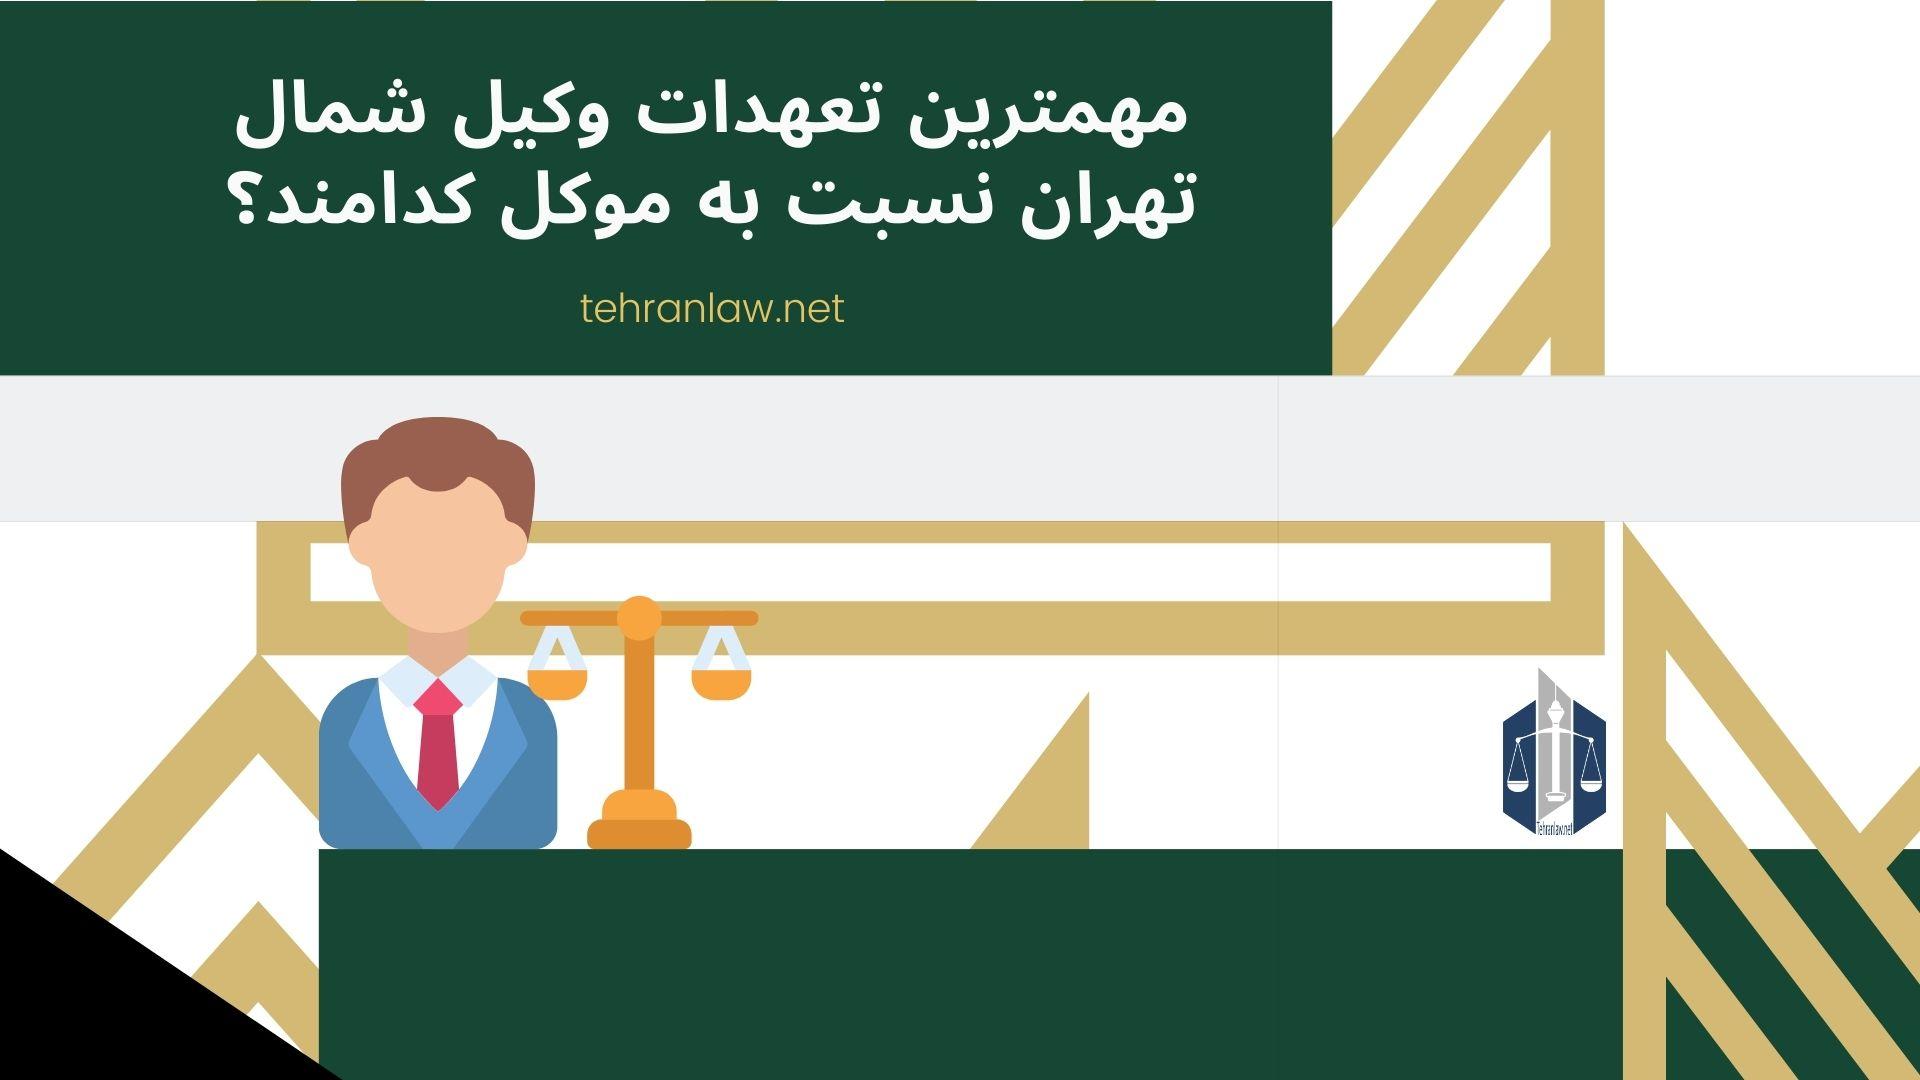 مهمترین تعهدات وکیل شمال تهران نسبت به موکل کدامند؟